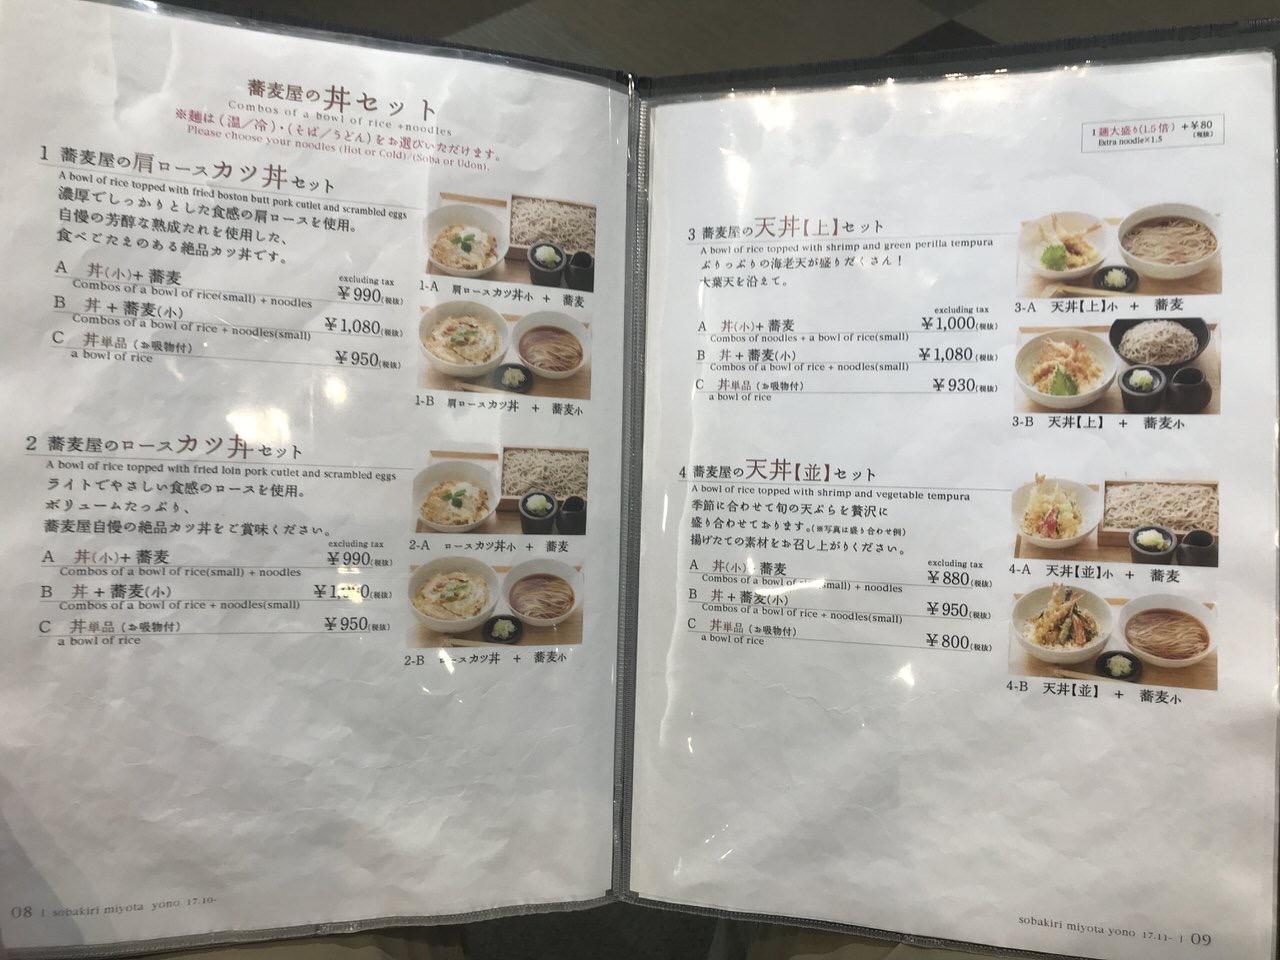 蕎麦きり みよた イオンモール与野店 6